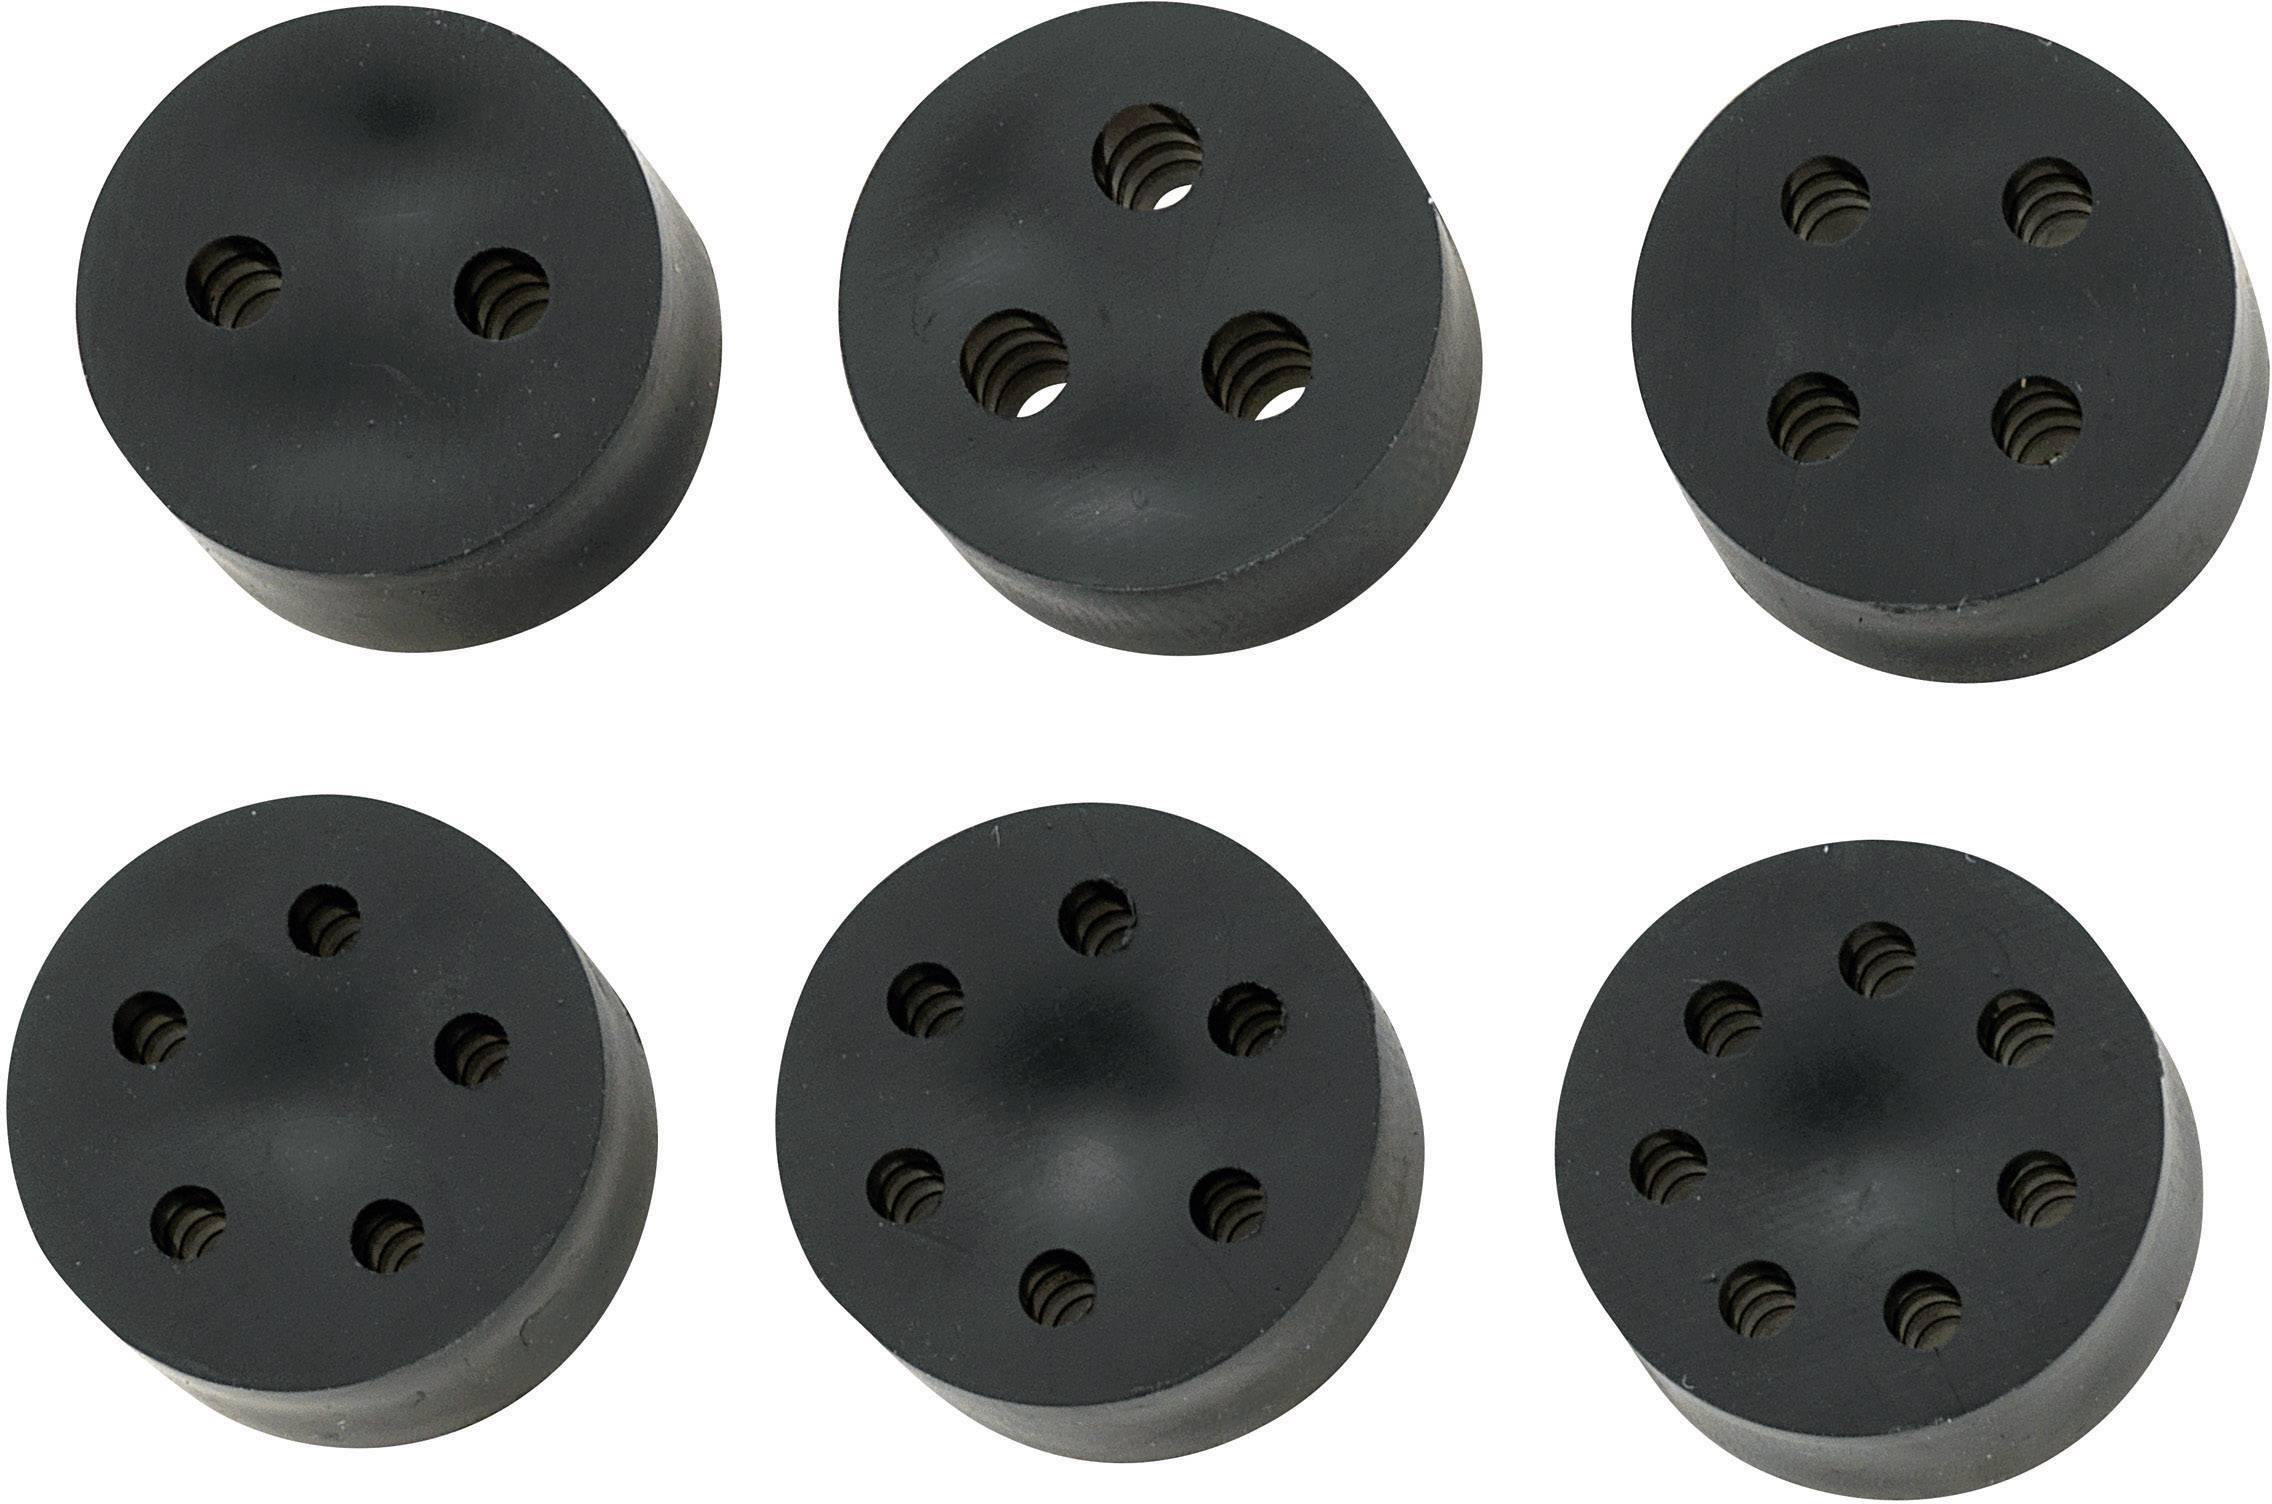 Tesniaca vložka s viacerými priechodmi KSS MH23-4E, PG21, guma, 1 ks